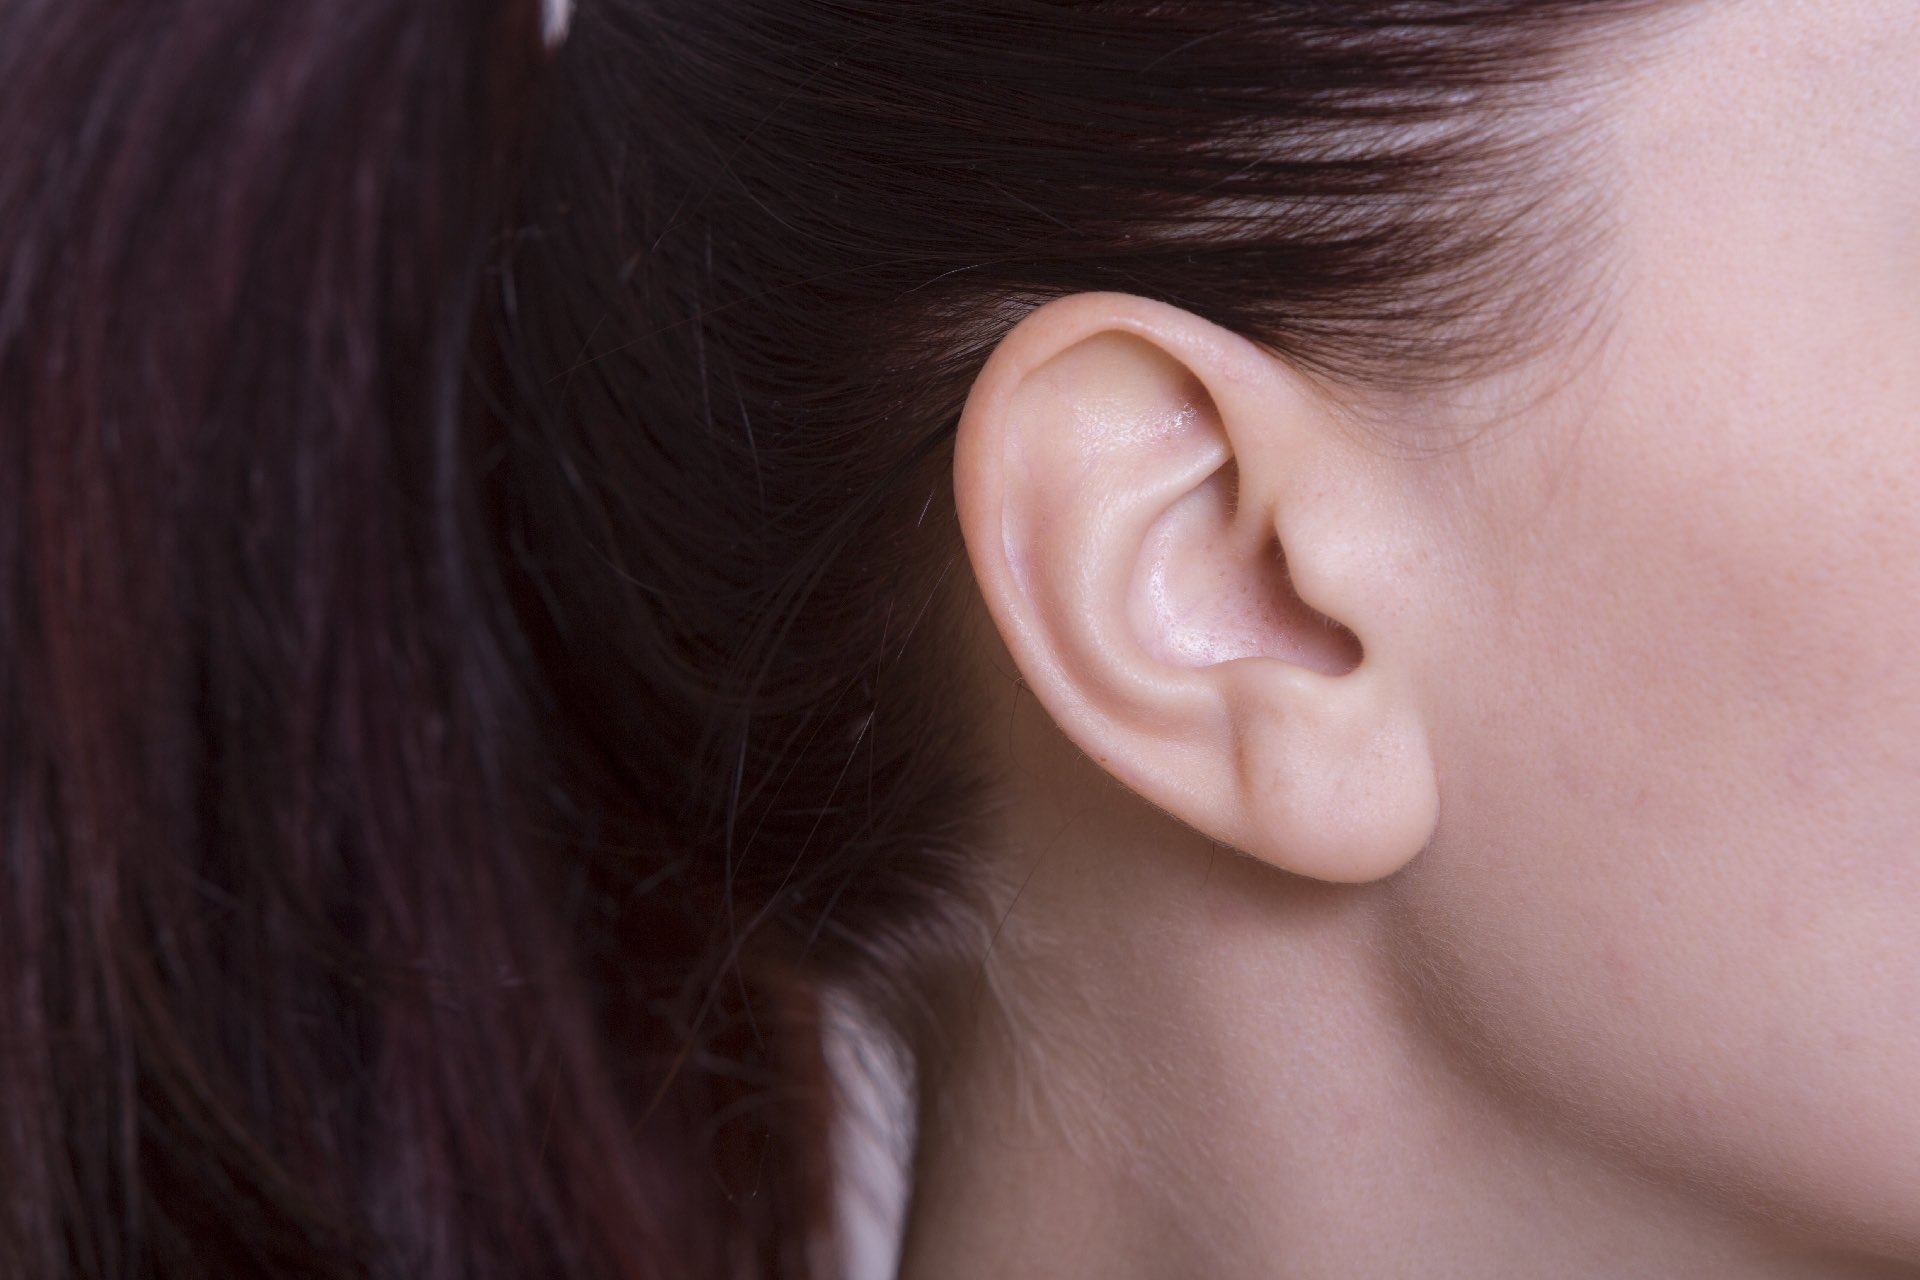 高齢者が聞き取りにくいのは高音?それとも低音?(老人性難聴について)